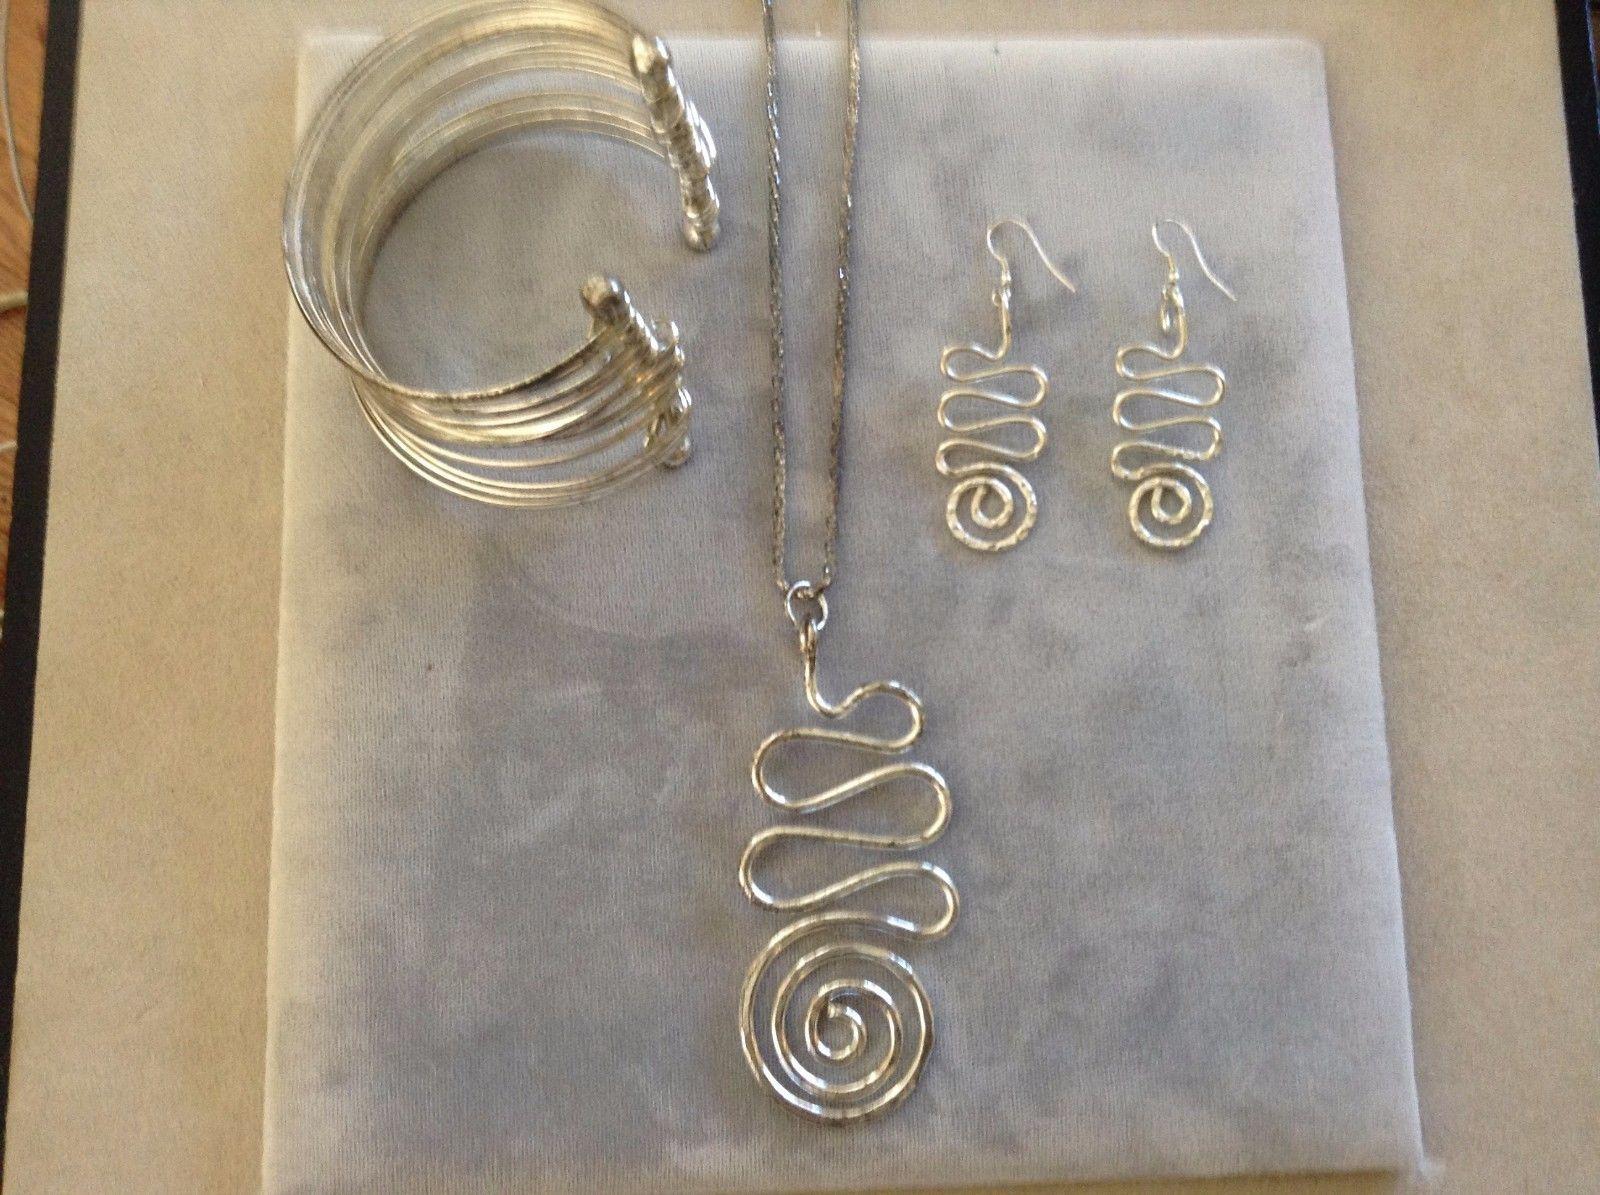 New Sun King Silver Toned Hanging Earrings Swirl Necklace Bracelet